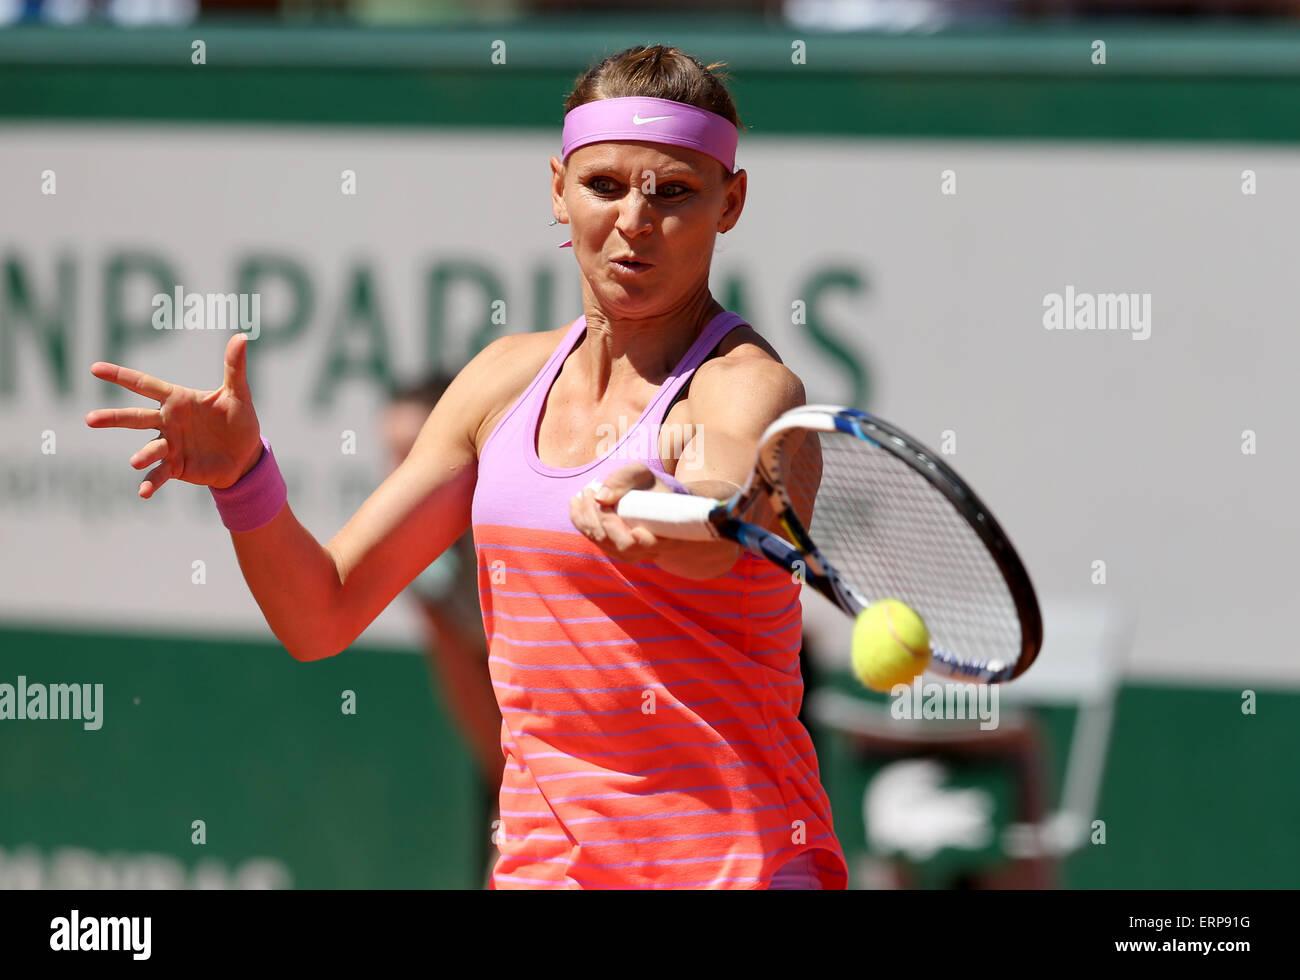 París, Francia. 6 de junio de 2015. Lucie Safarova de República Checa compite durante los singles femeninos Imagen De Stock